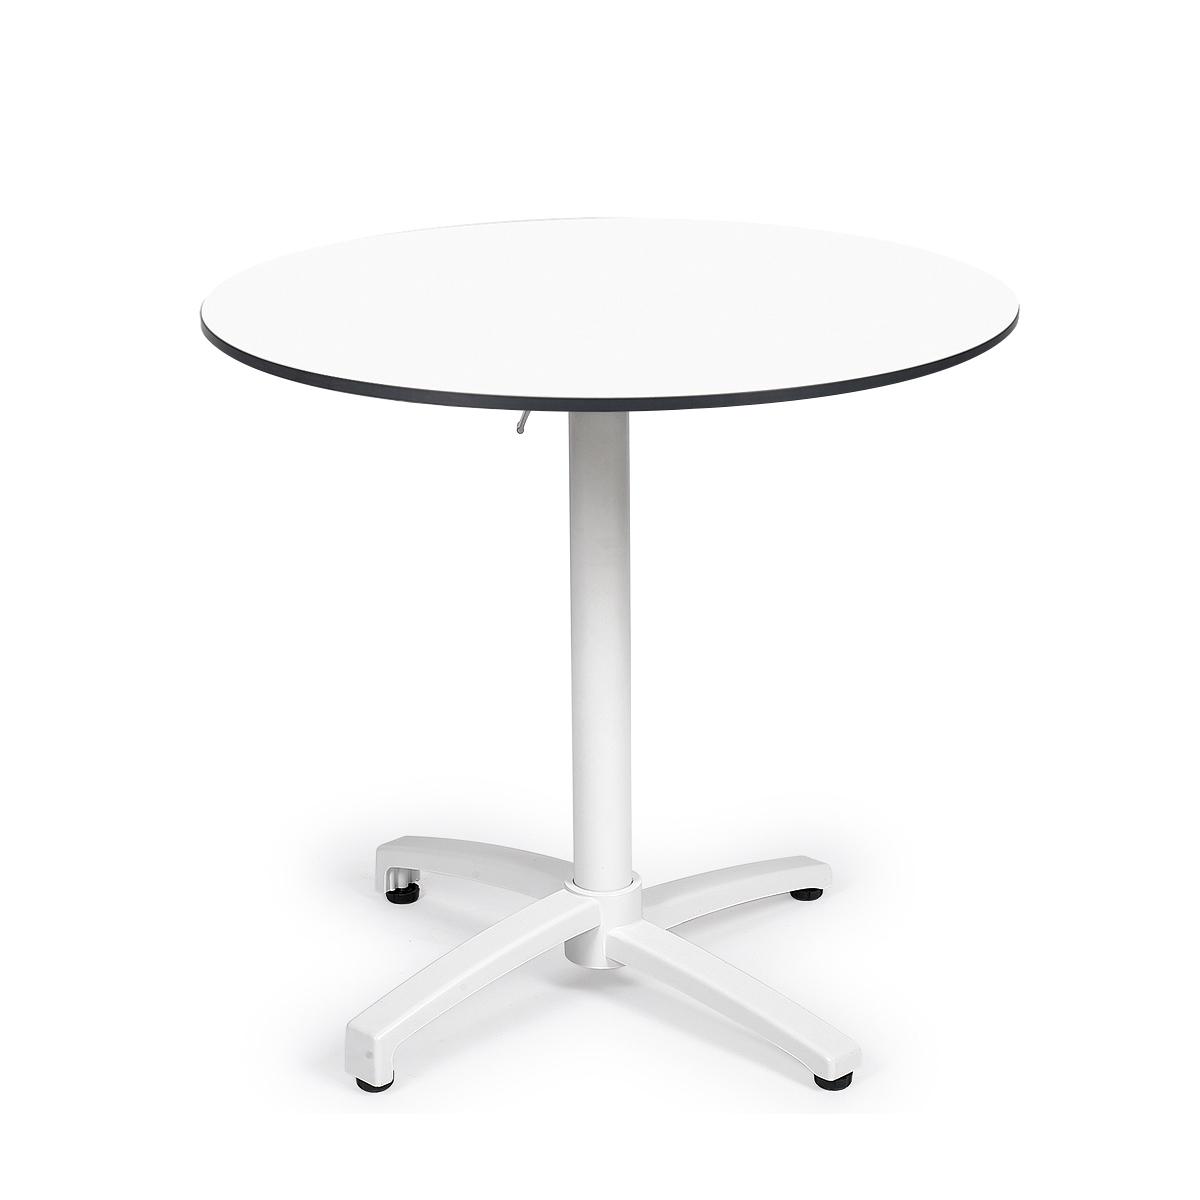 mesa noruega blanca con tablero redondo